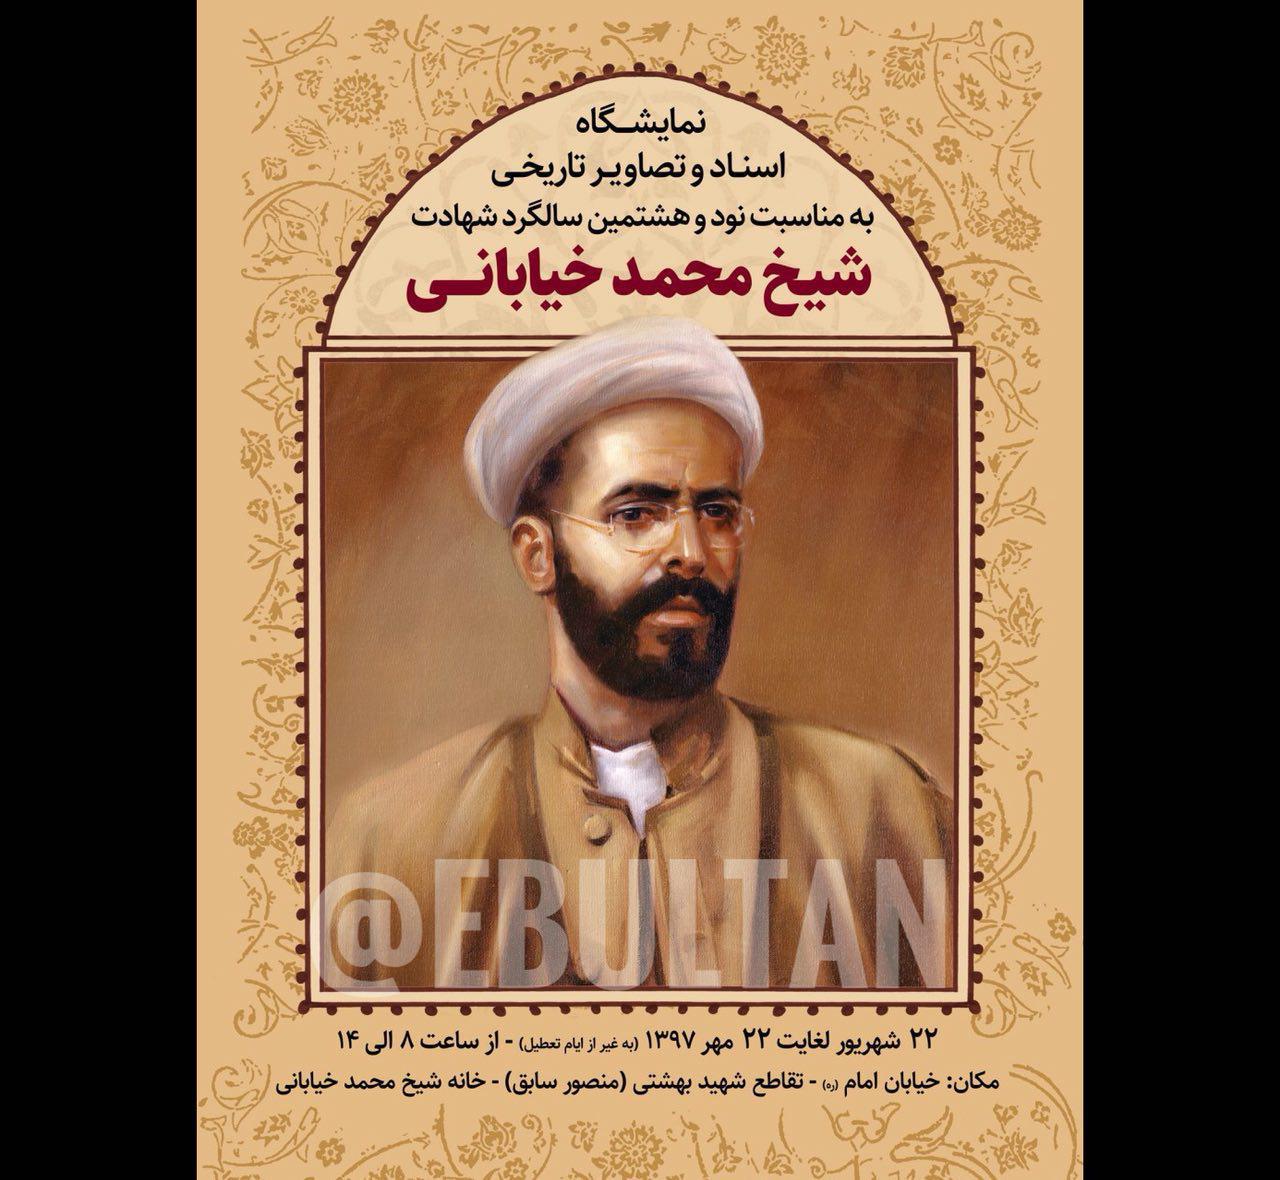 نمایشگاه اسناد و تصاویر تاریخی شیخ محمد خیابانی